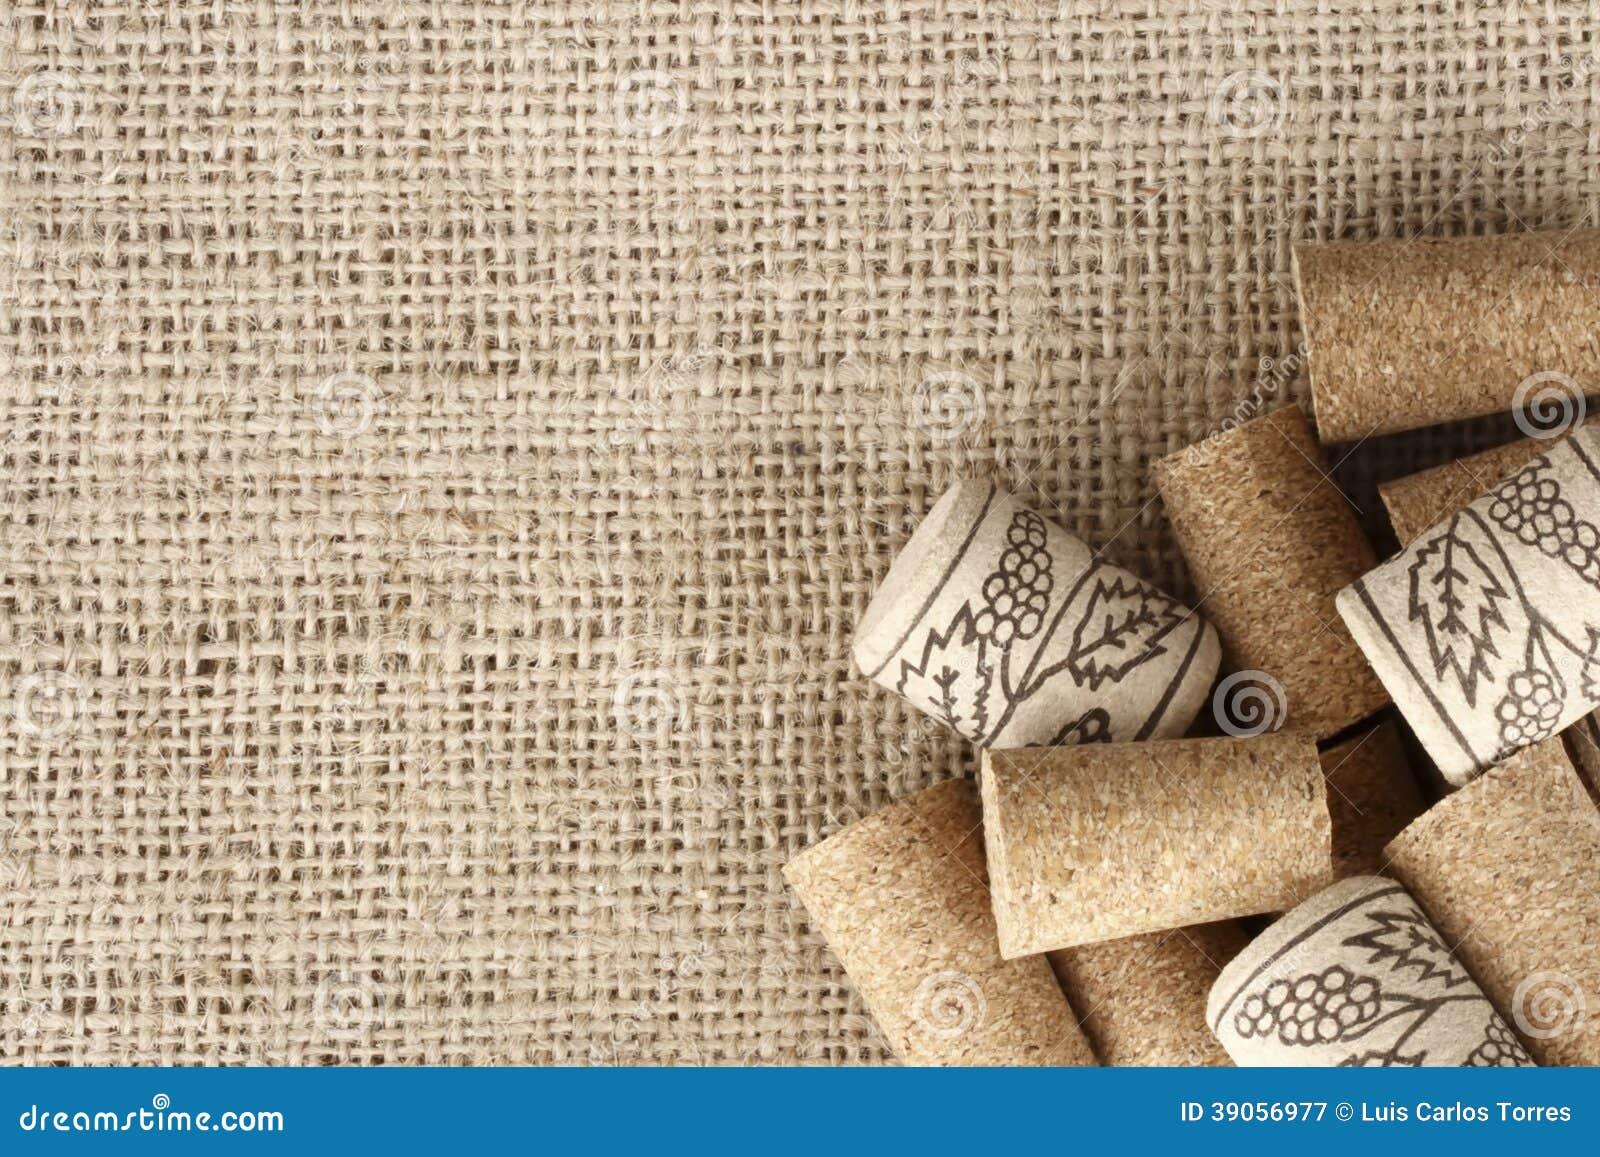 Wine Corks Background Stock Photo - Image: 39056977